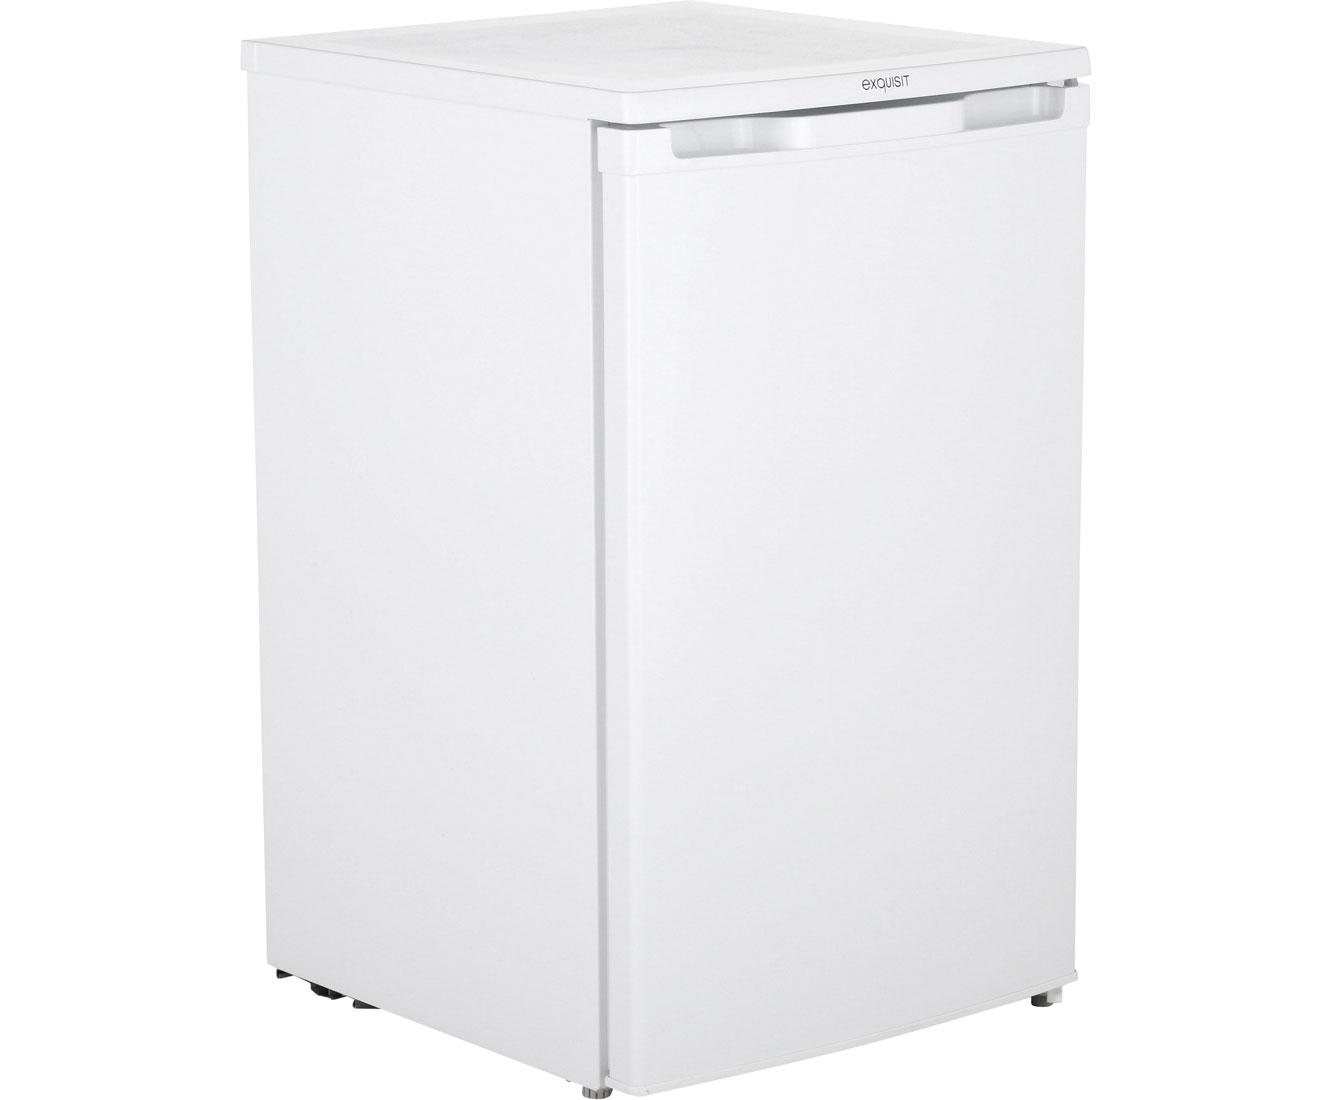 Kleiner Kühlschrank Weiß : Kleiner getränkekühlschrank husky rolling stones mini kühlschrank